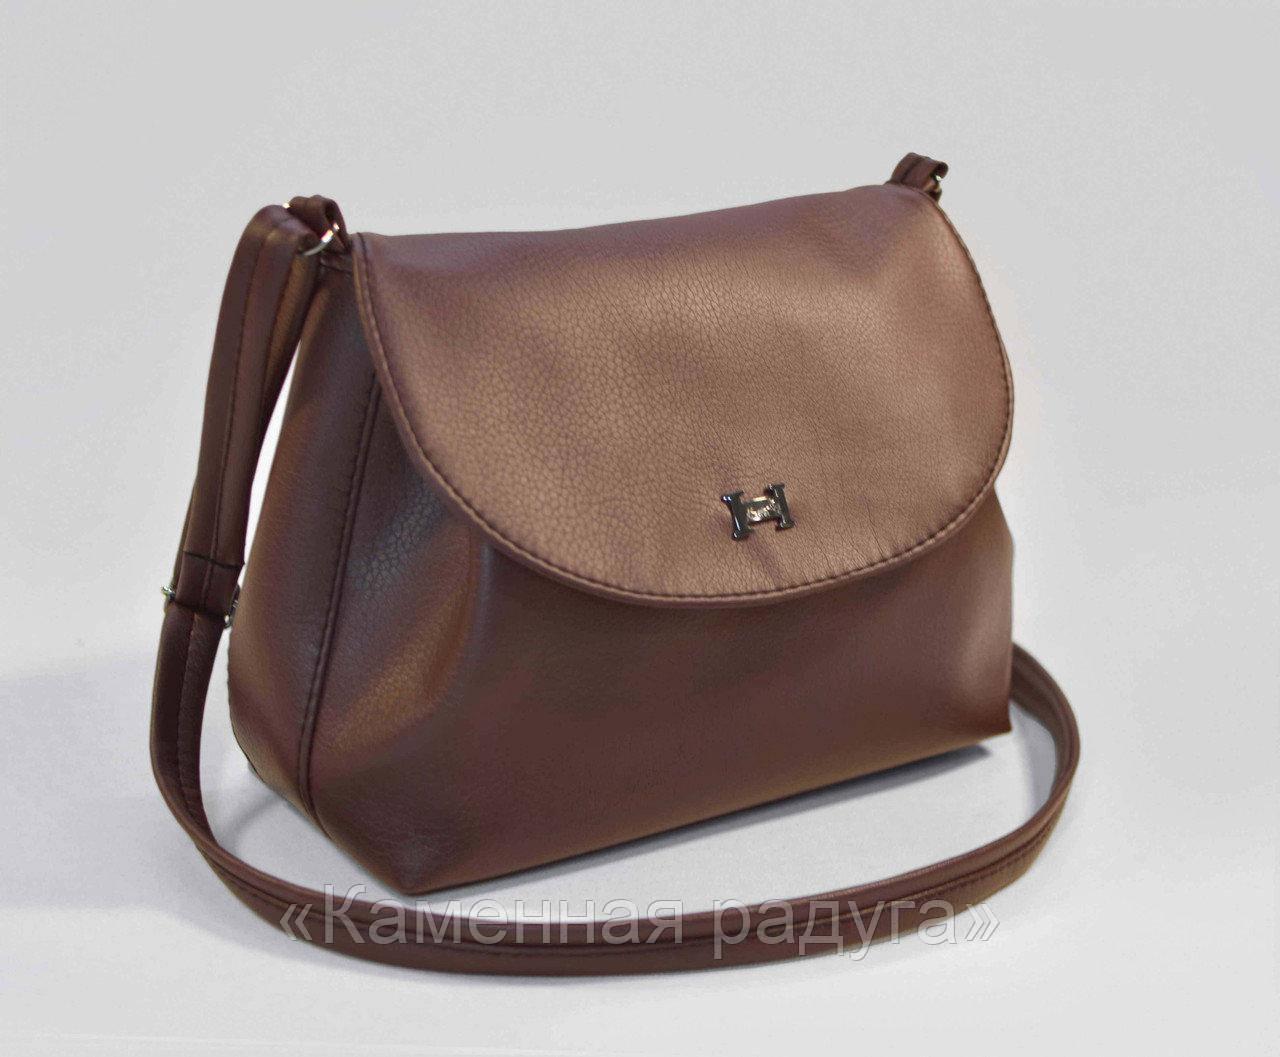 Стильная светло-коричневая сумочка кроссбоди